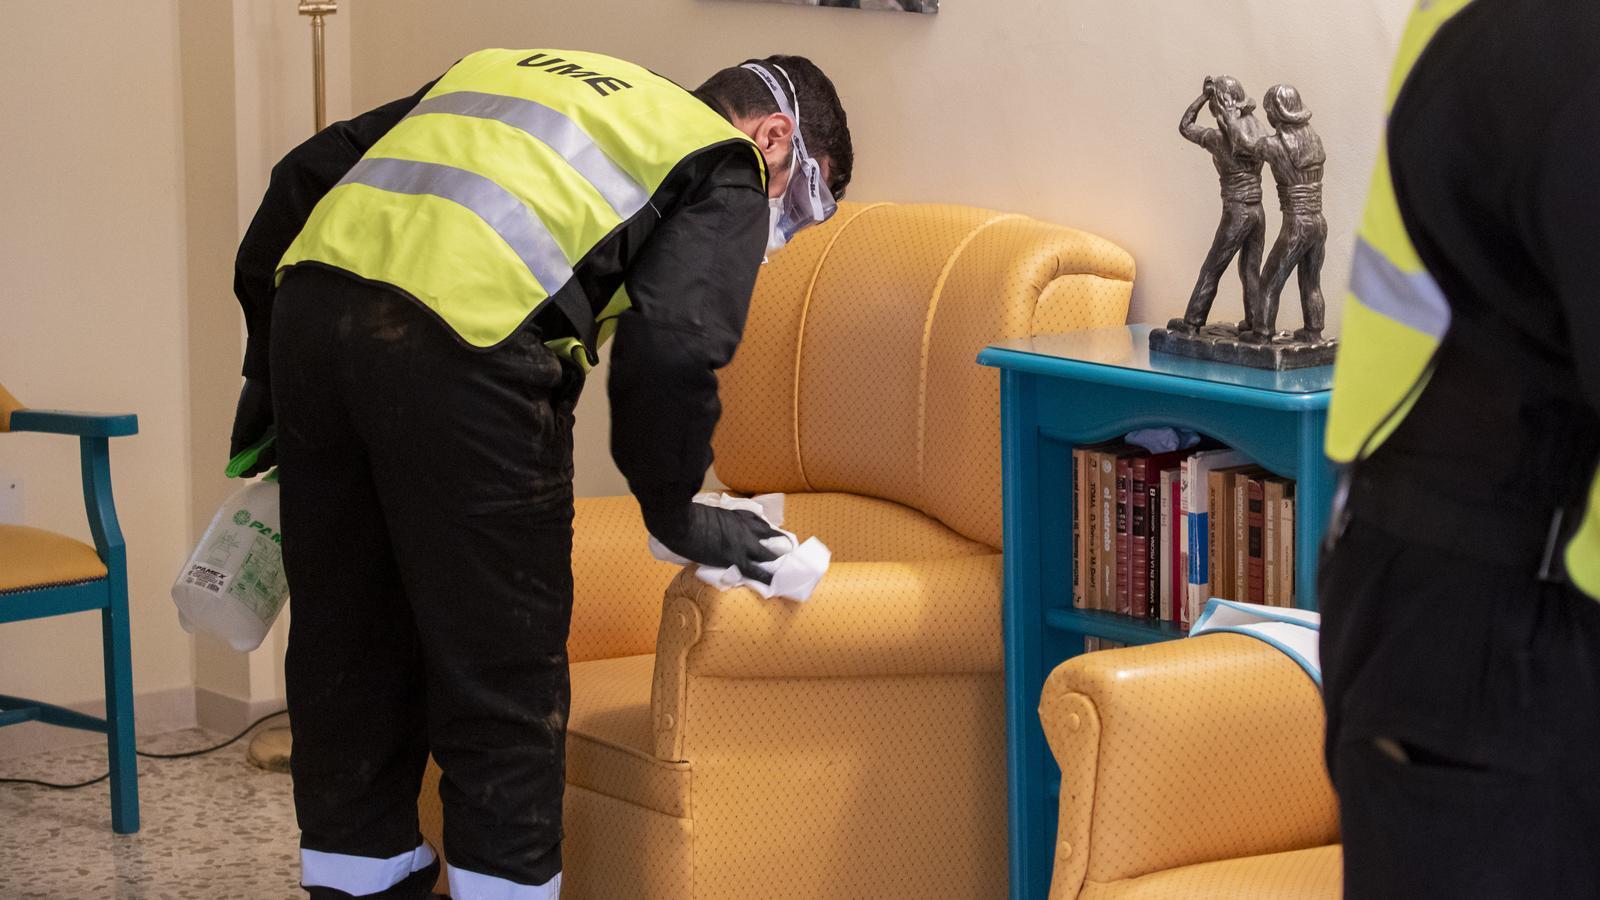 Les residències d'avis demanen fer tests al personal per evitar el col·lapse